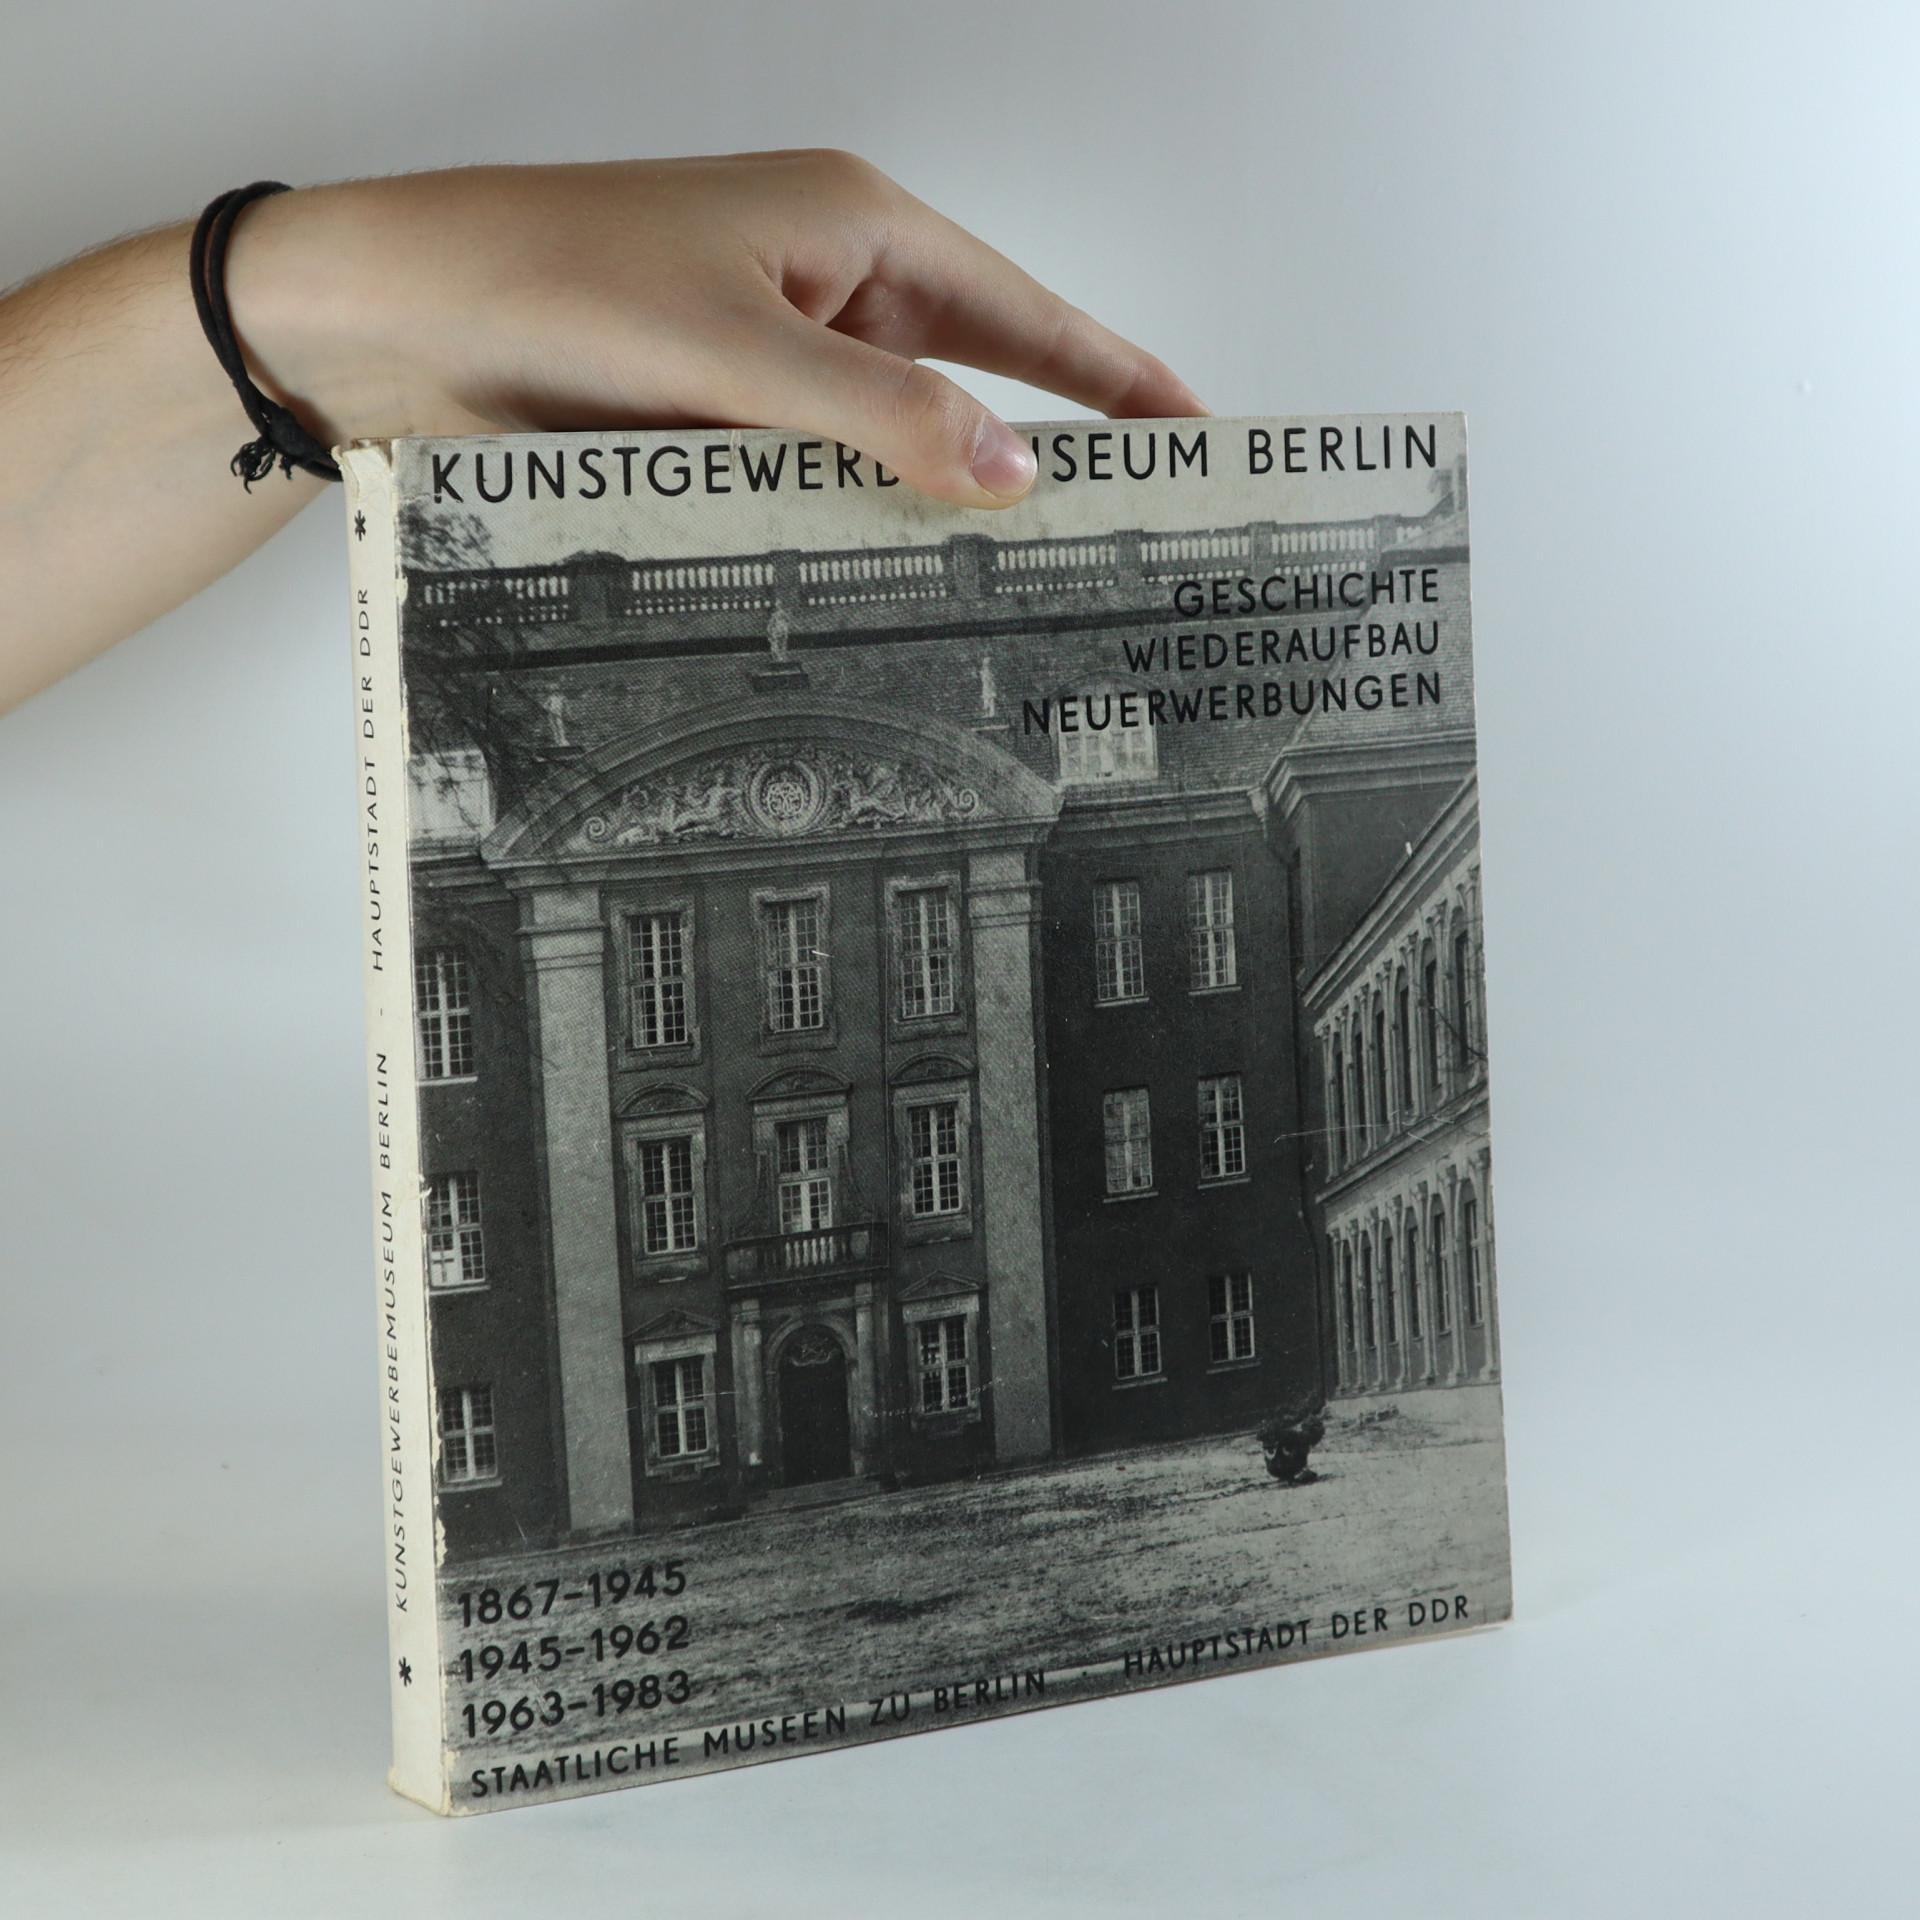 antikvární kniha Kunstgewerbemuseum Berlin. Geschichte, Wiederaufbau, Neuerwerbungen, 1983